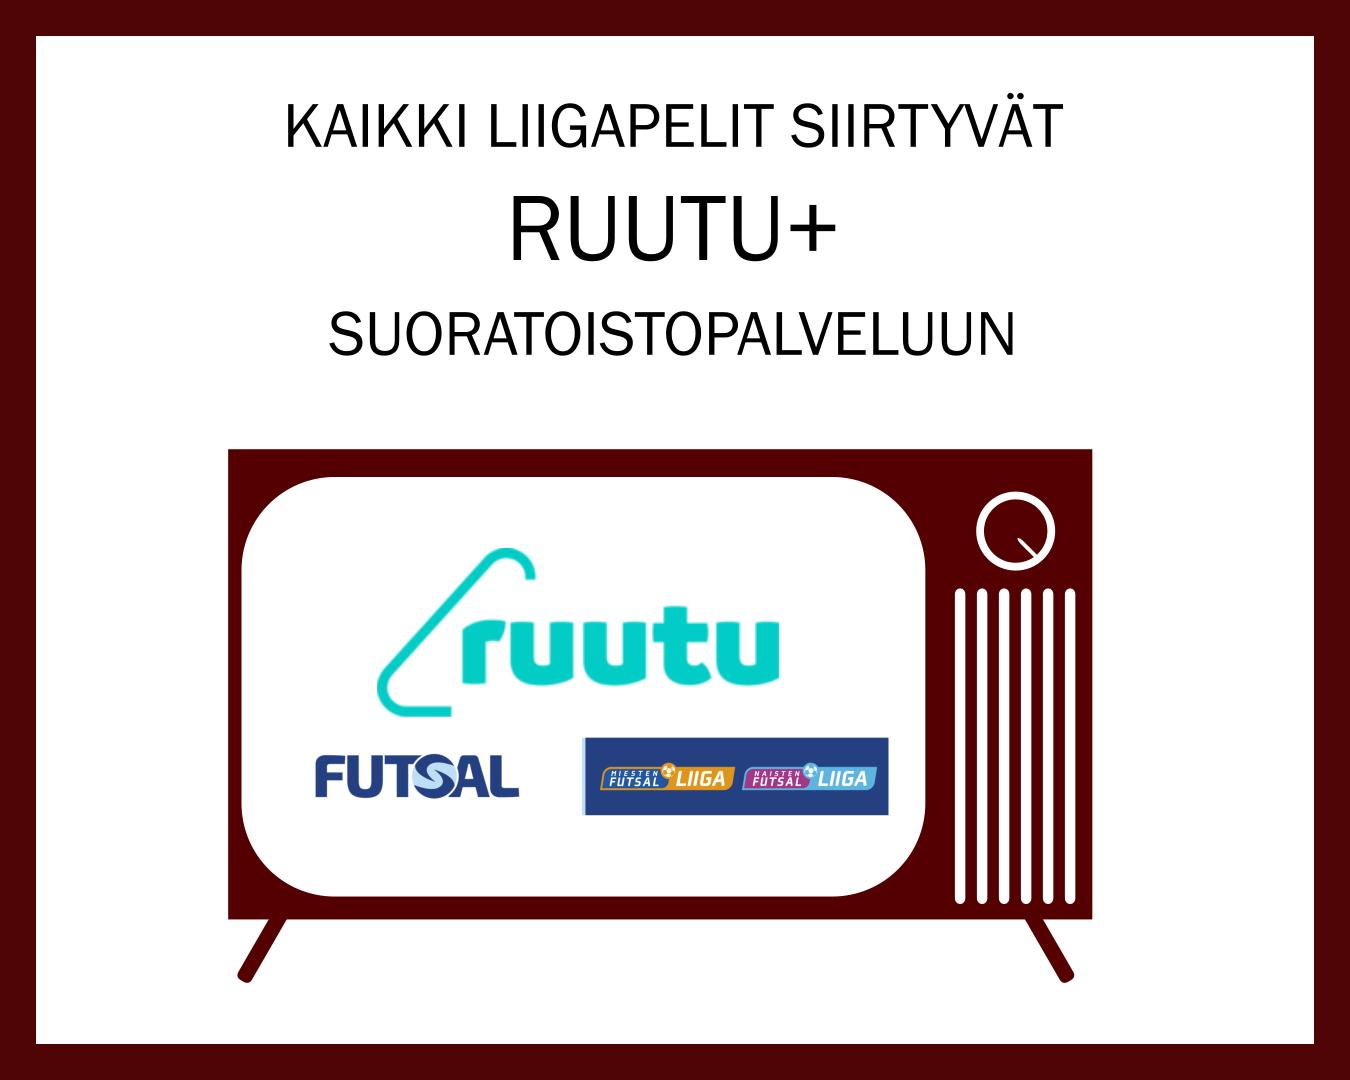 Naisten futsal-liigan pelit jatkossa nähtävissä Ruutu+ palvelussa!